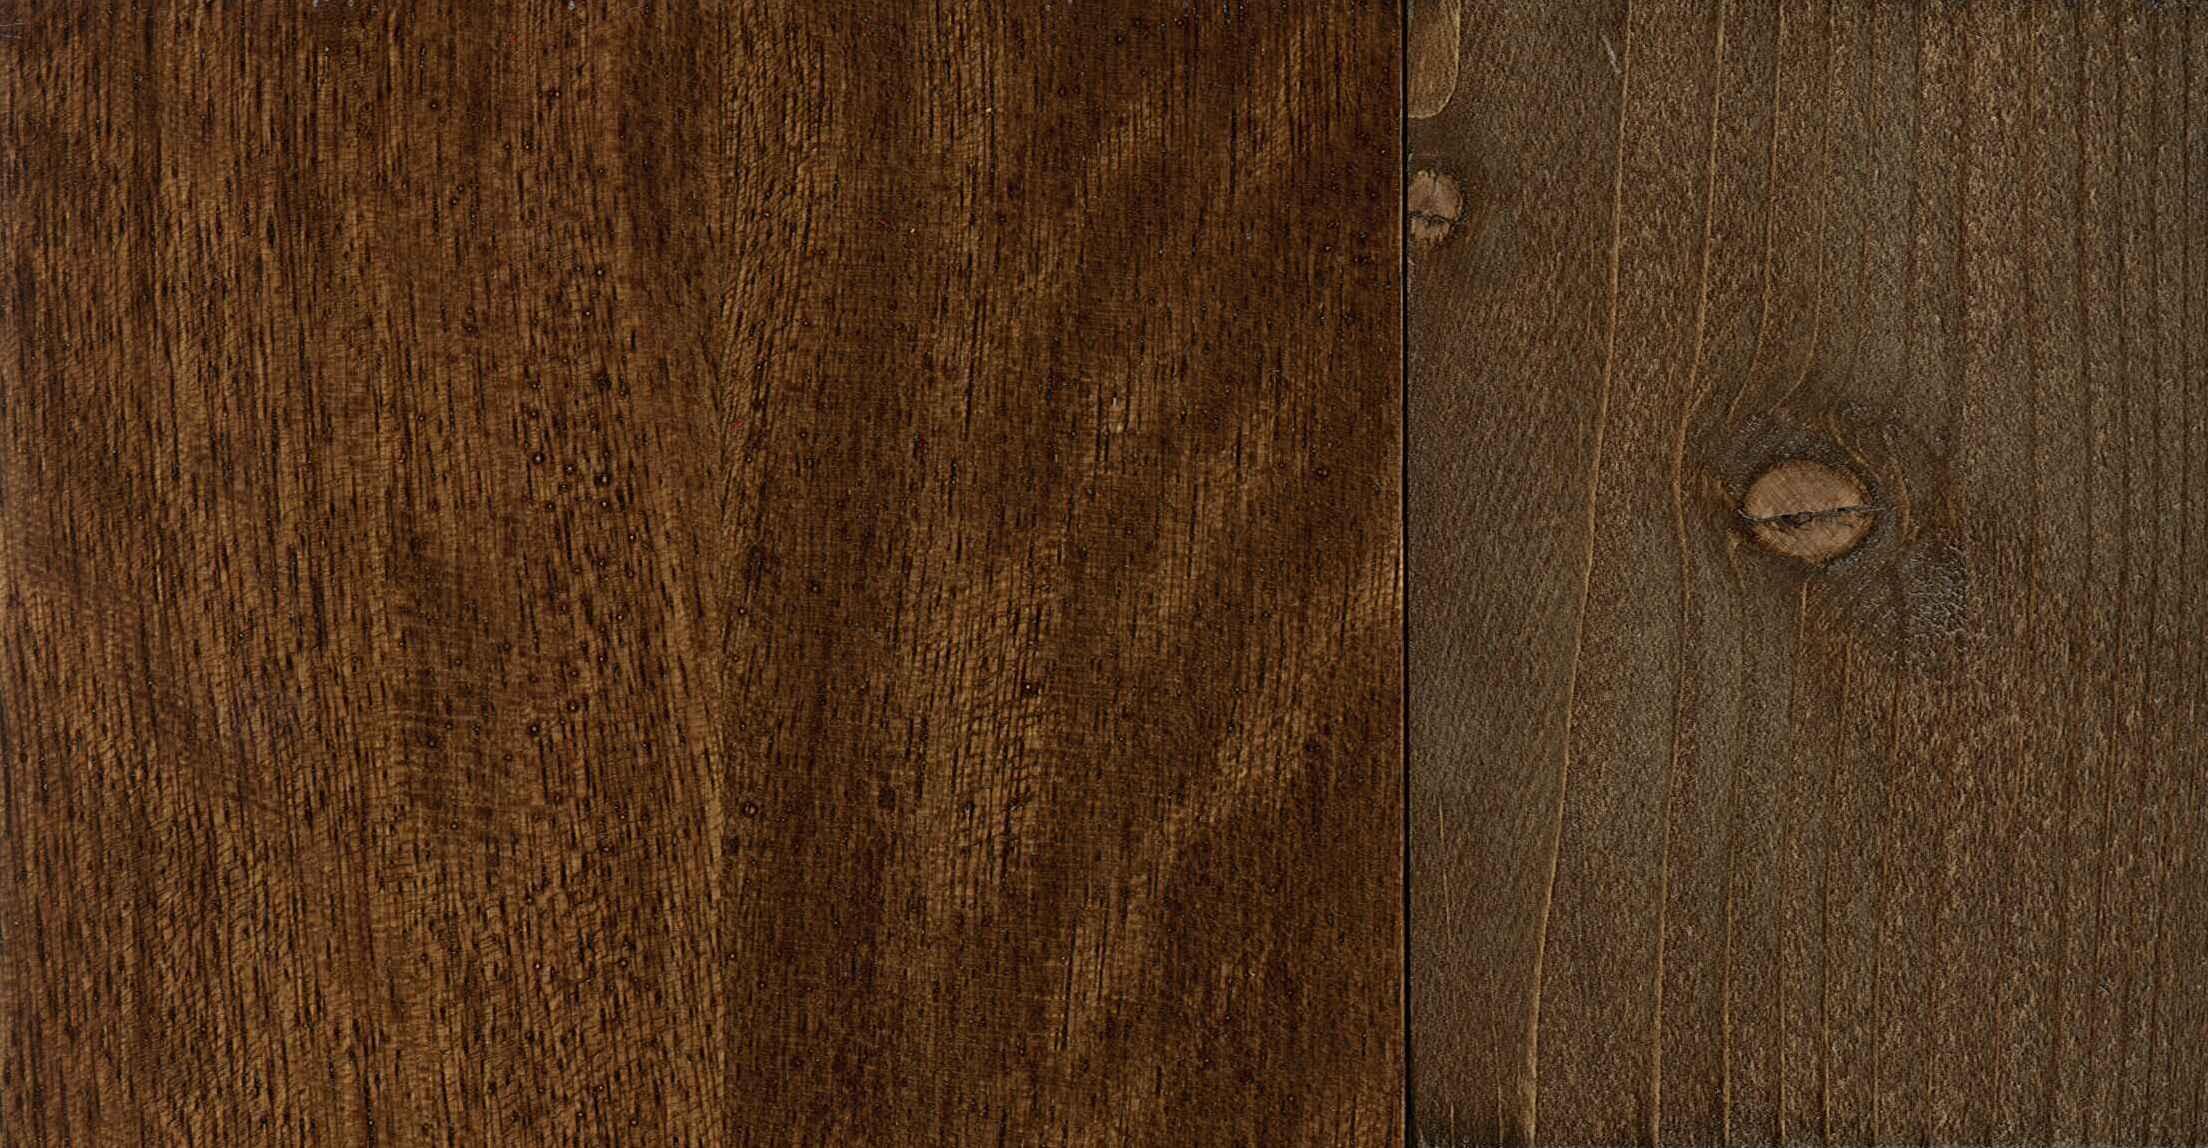 Impregnante colorea la madera qu micas th i - Color nogal en madera ...